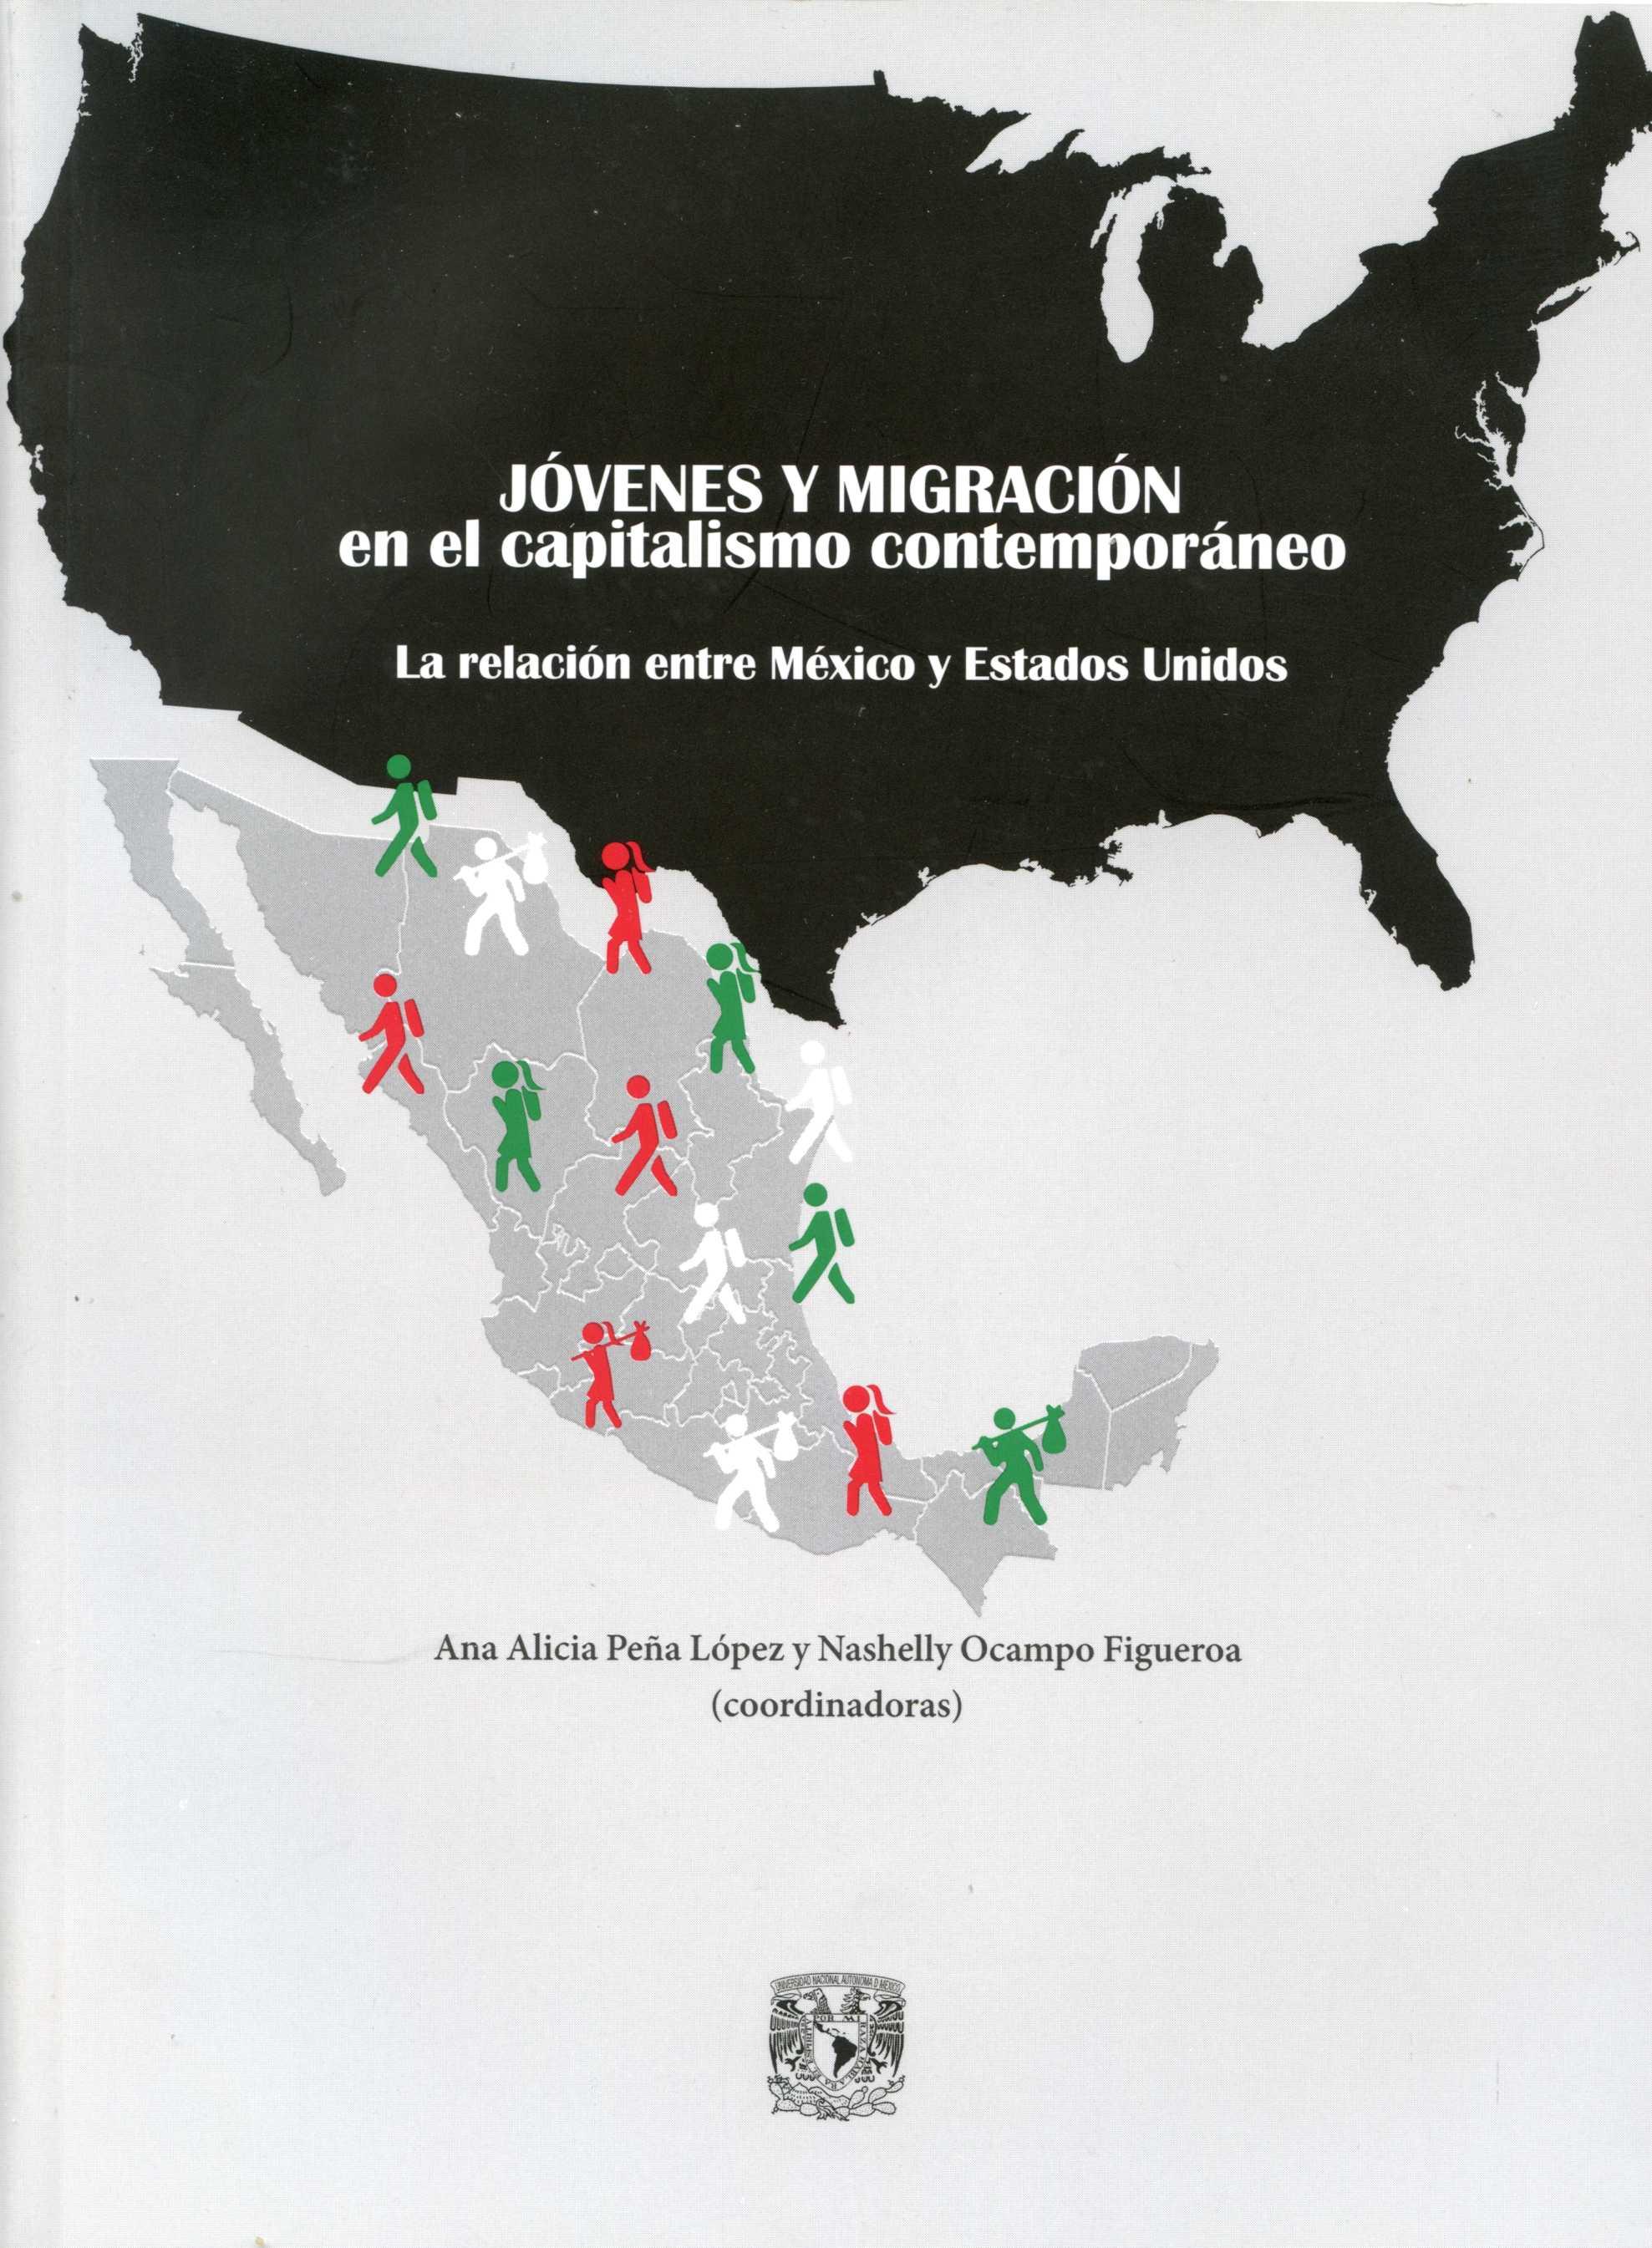 Jóvenes y migración en el capitalismo contemporáneo. La relación entre México y Estados Unidos